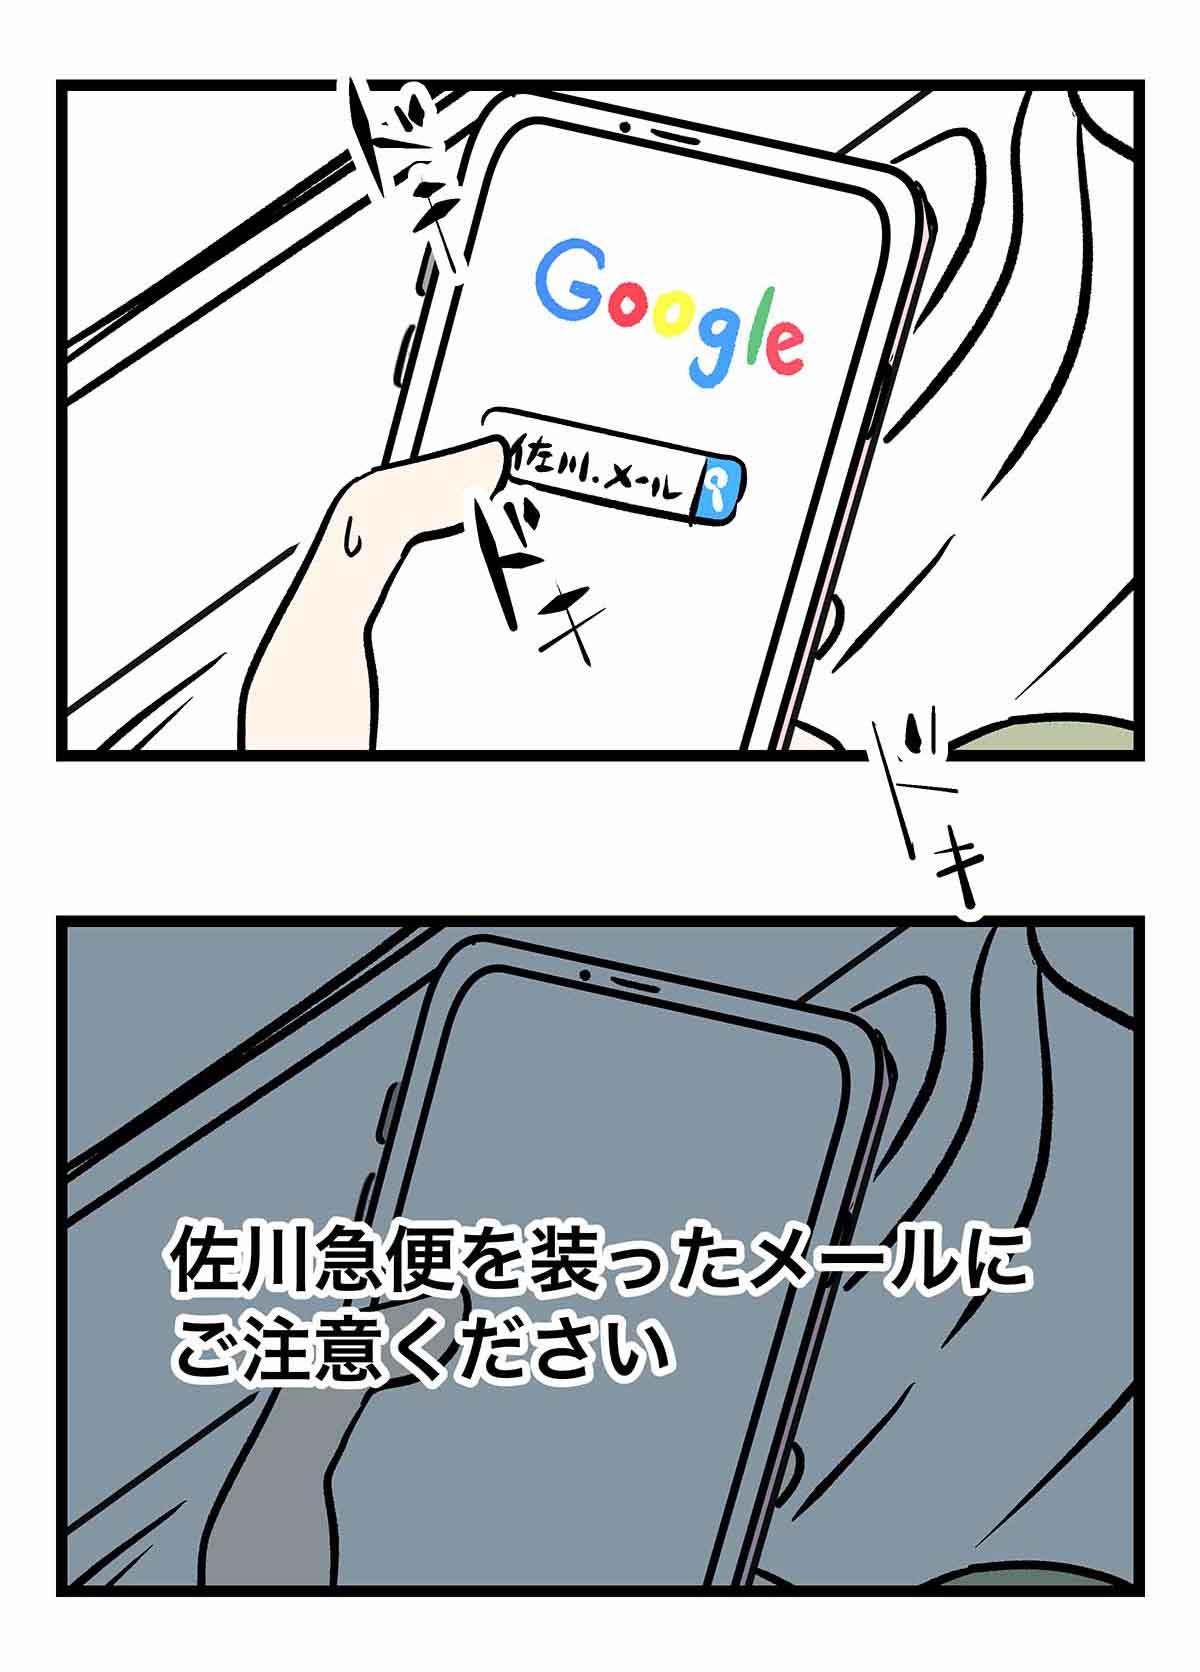 実録!!佐川急便を装った迷惑メールにご注意ください